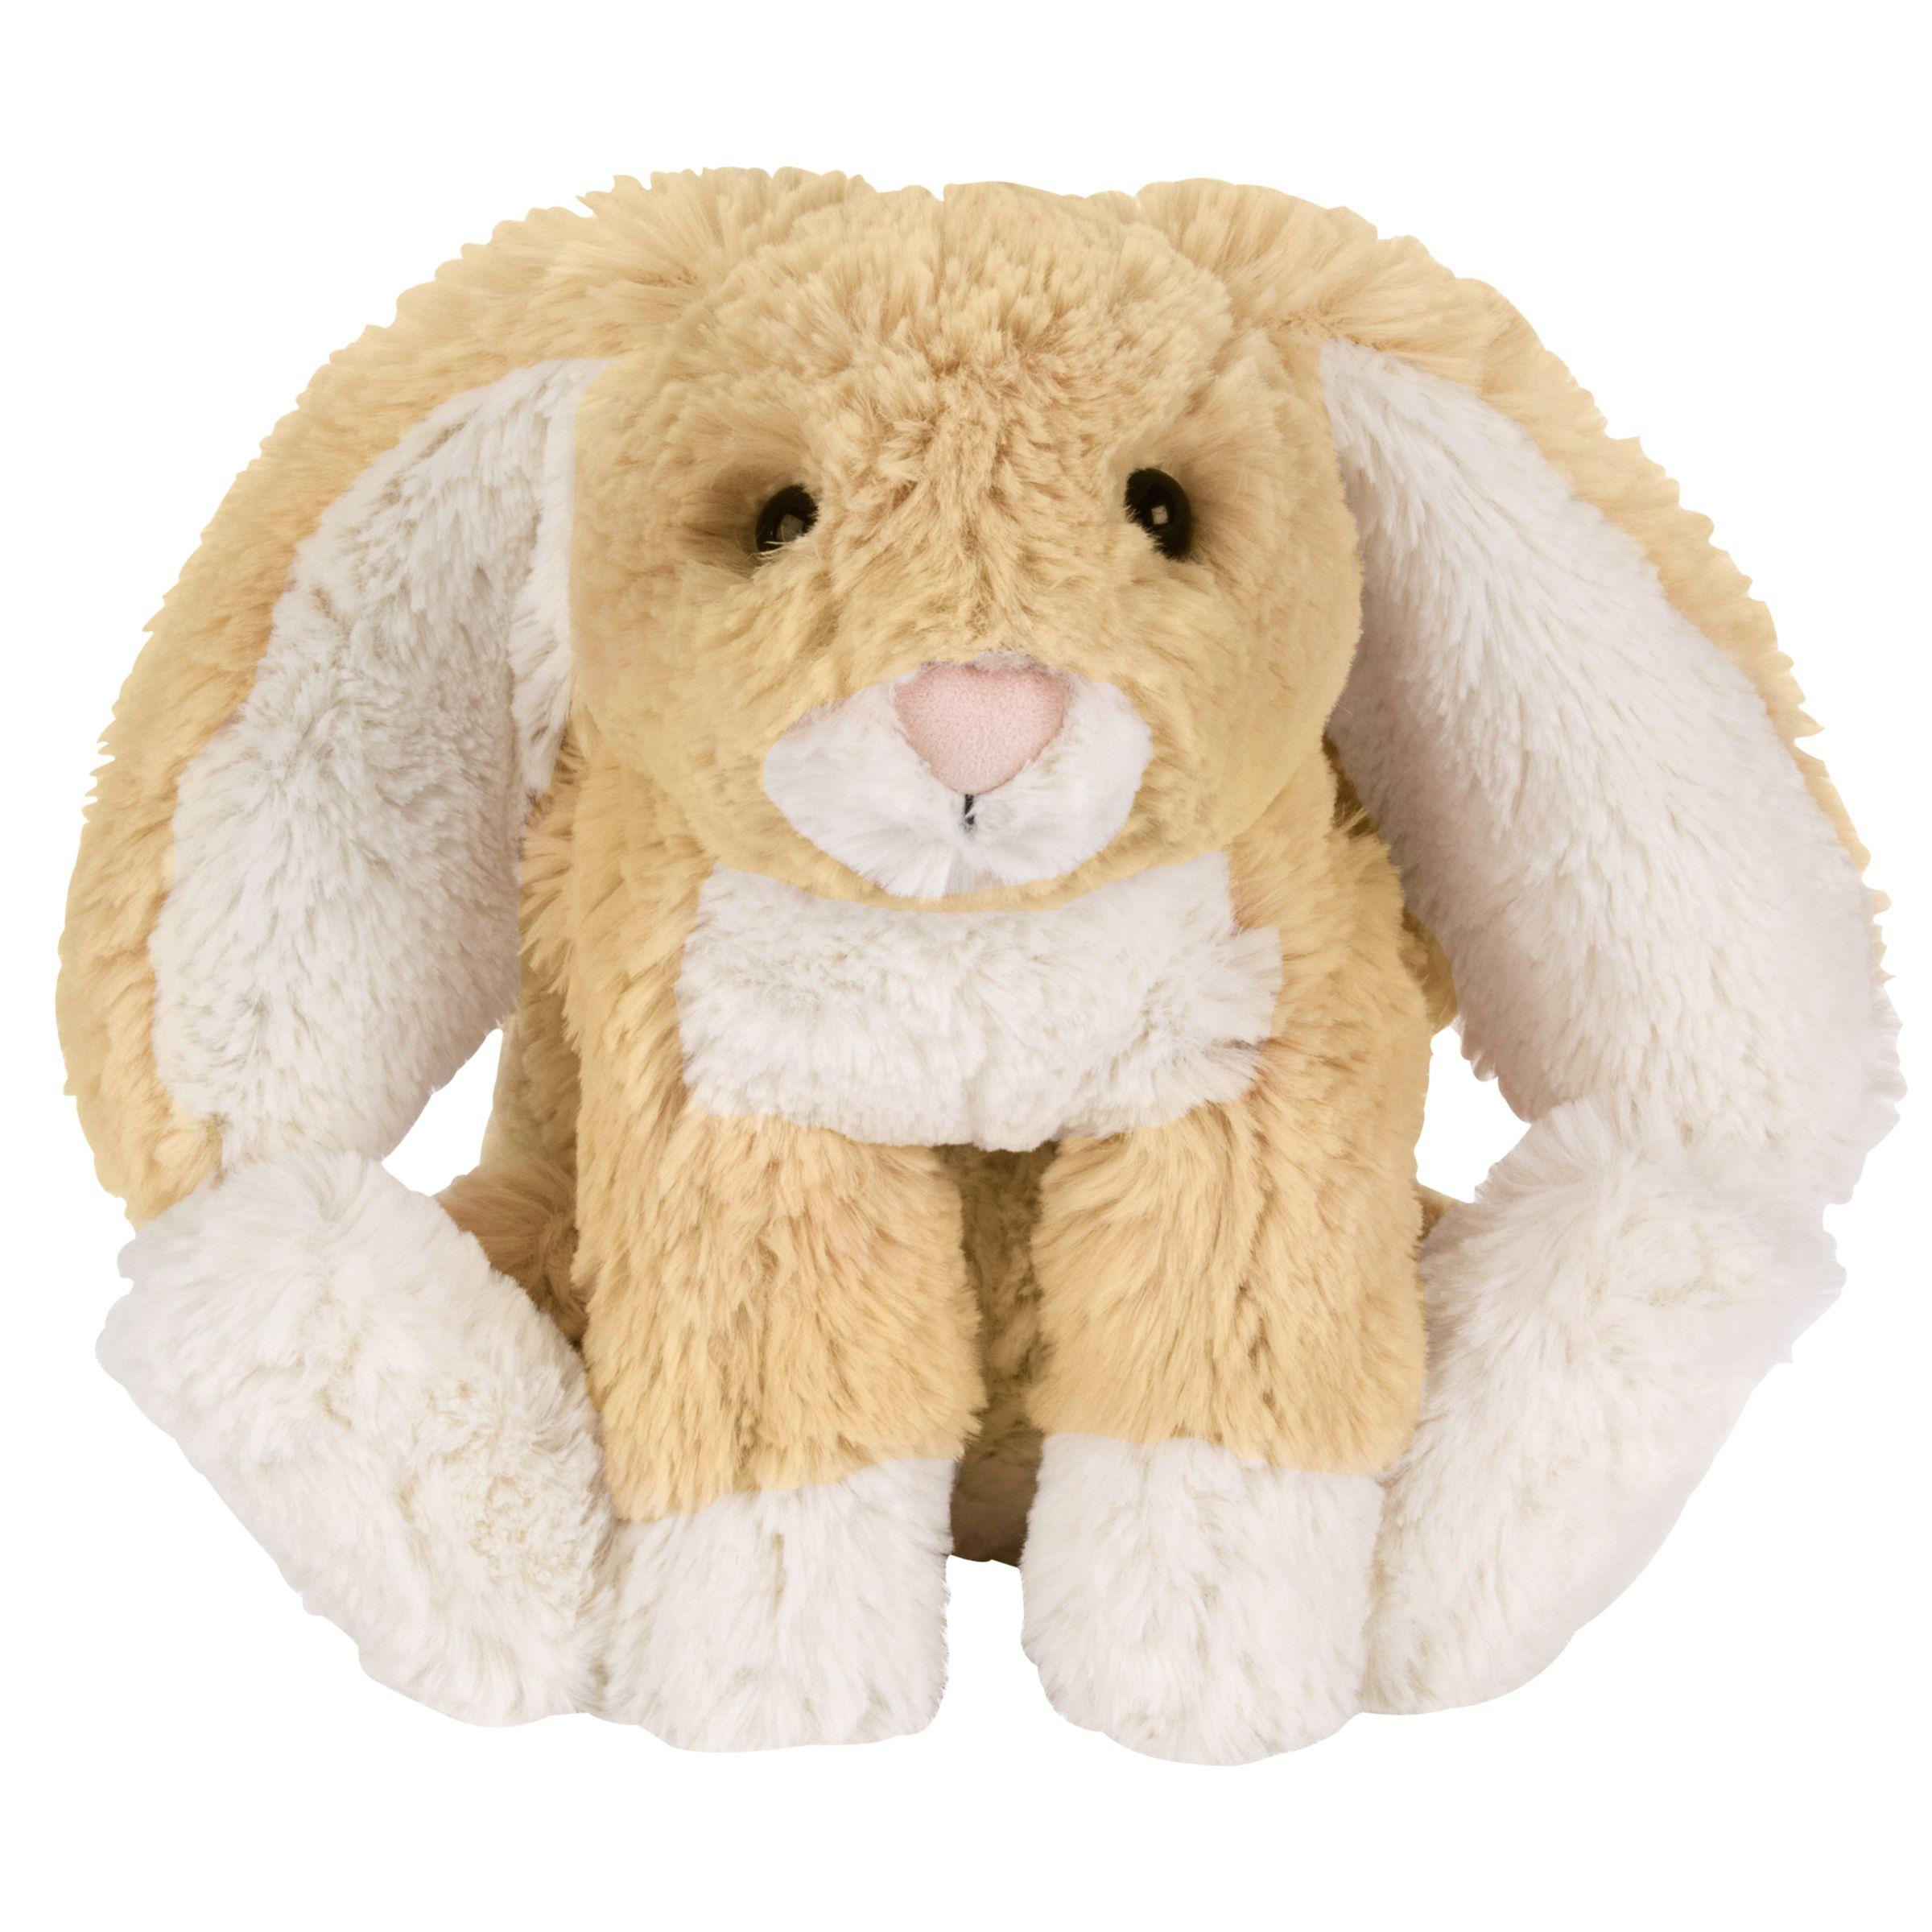 Jellycat Jellycat Bashful Bunny Soft Toy, Brown